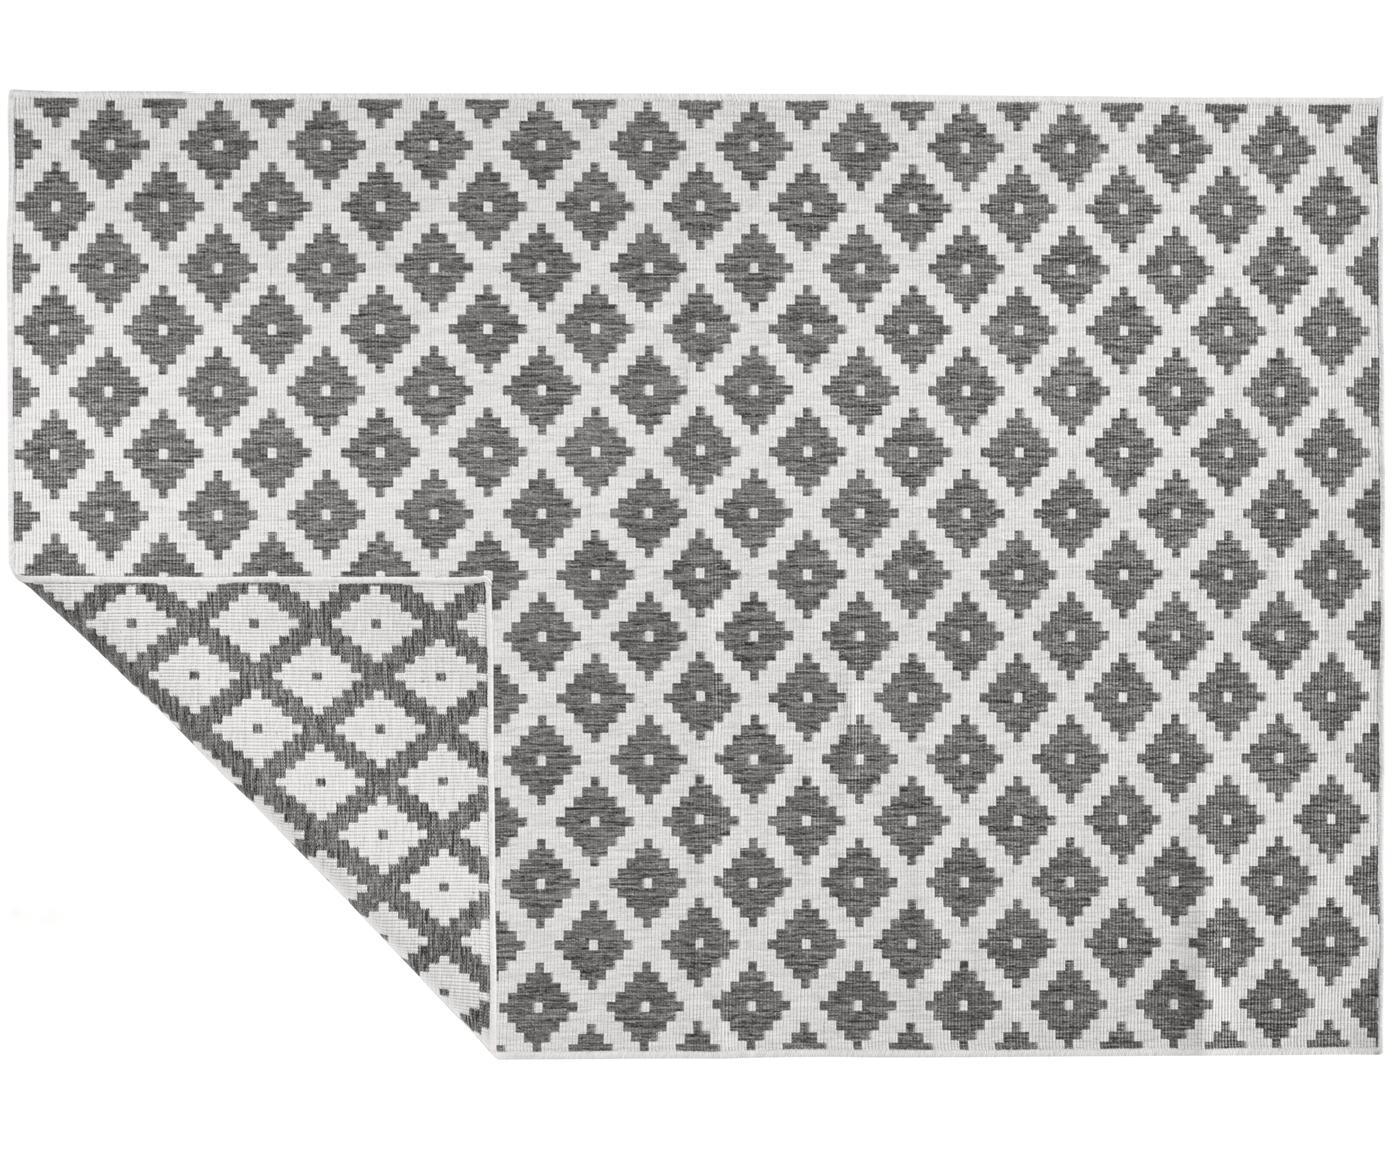 Vloerkleed Grace, Grijs, crèmekleurig, 80 x 150 cm